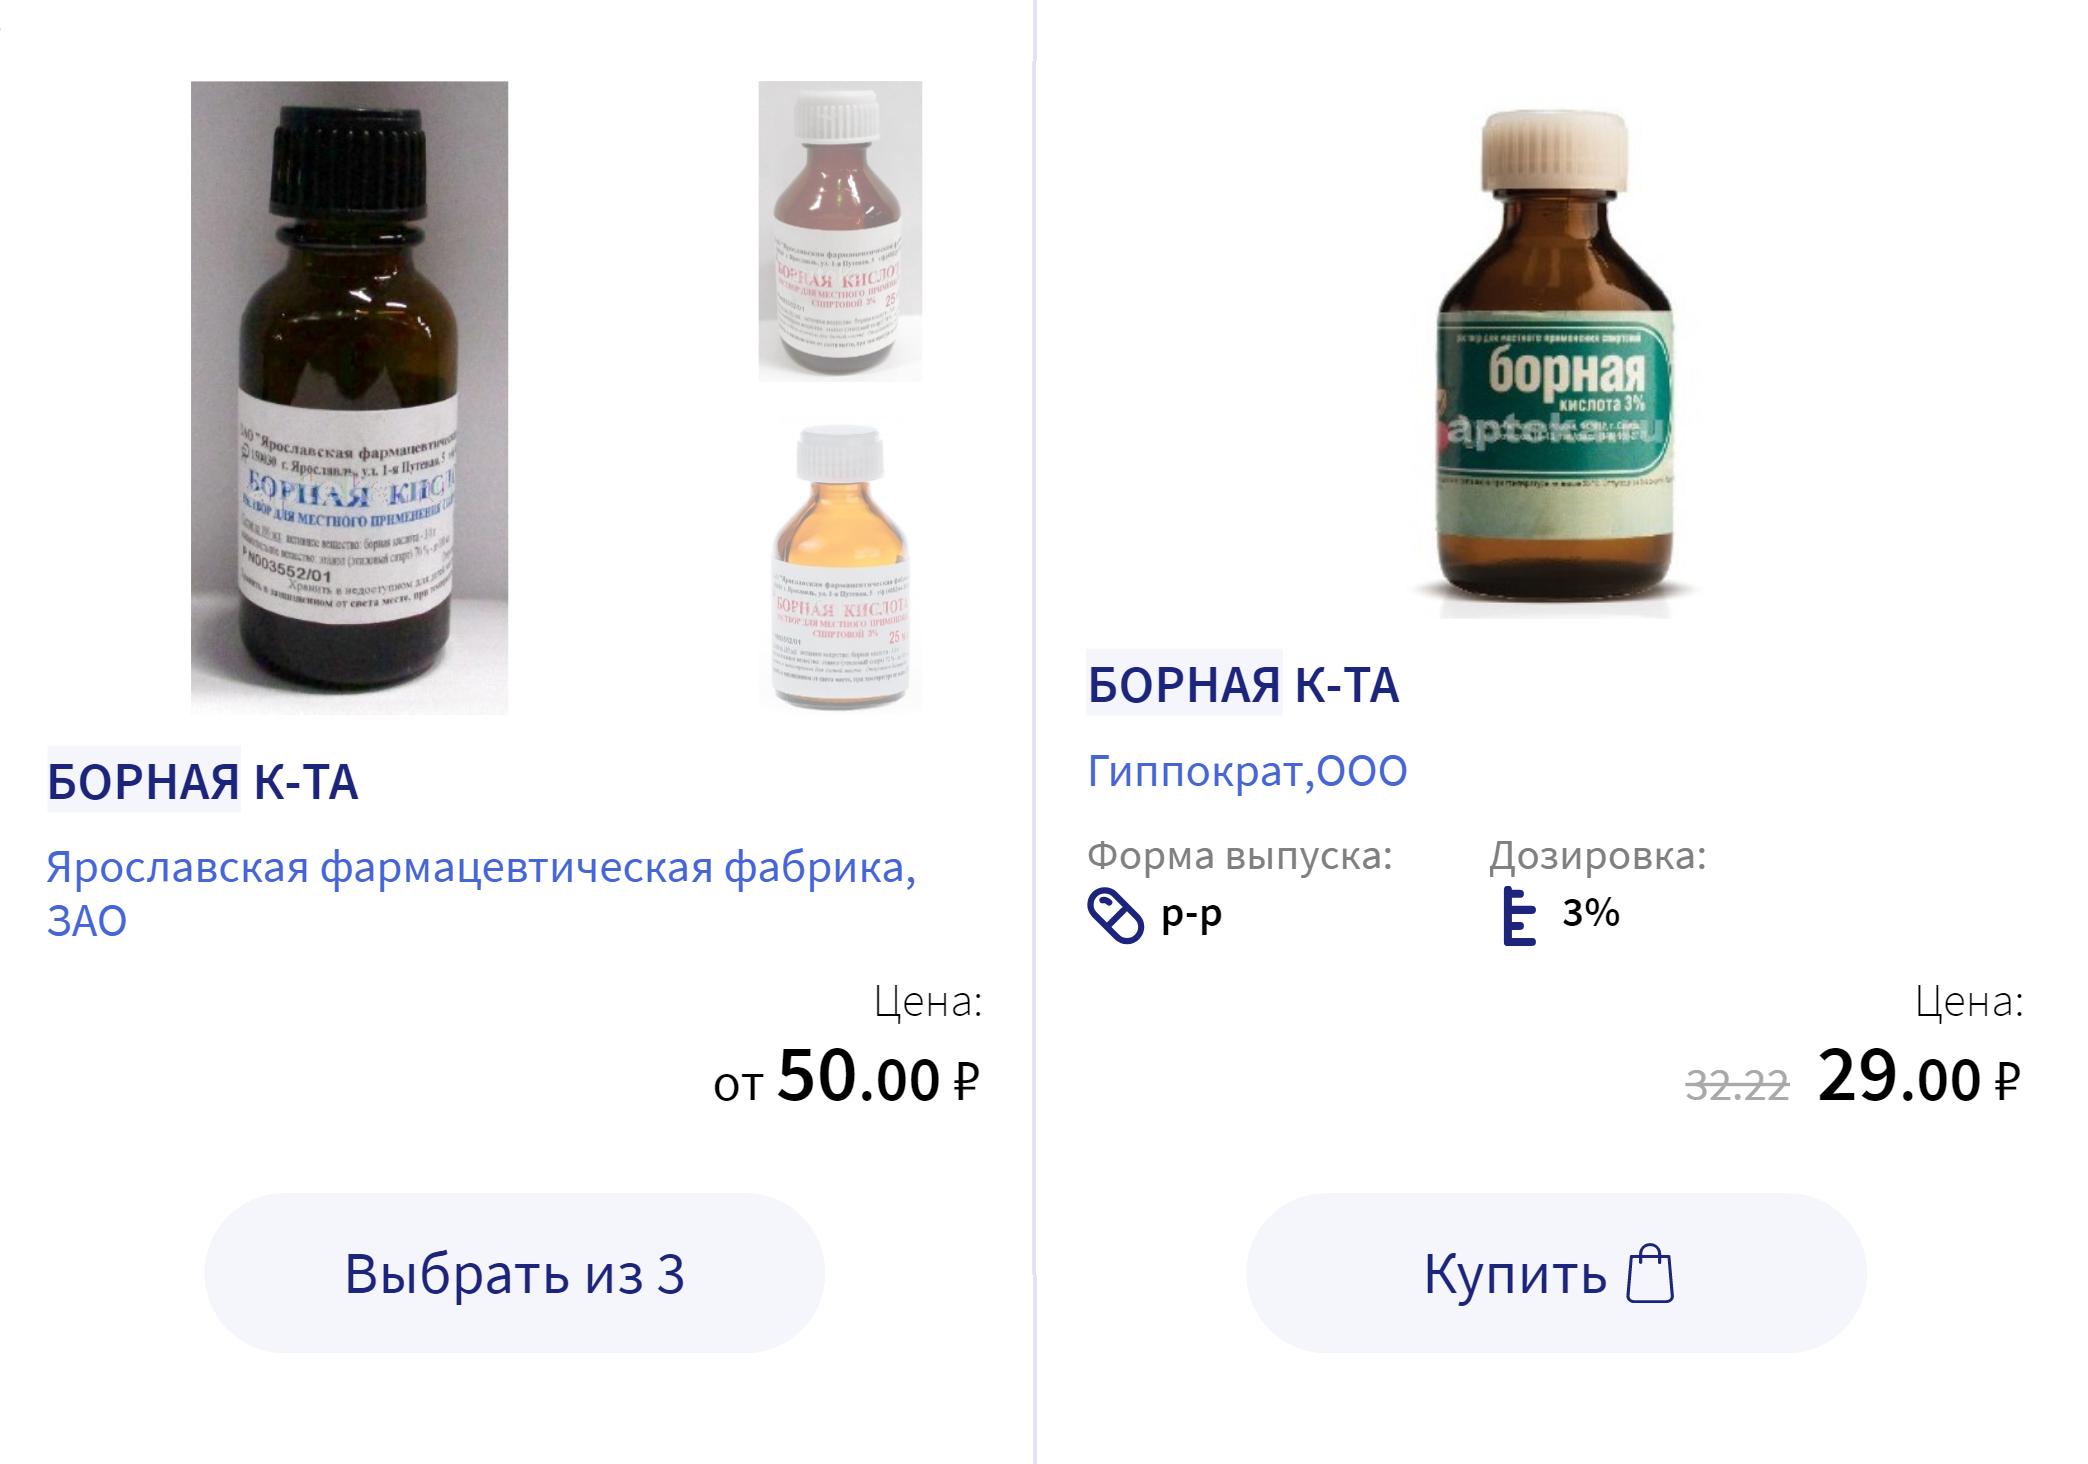 Борная кислота стоит недорого, а продается в любой аптеке. Это предложения на «Аптеке-ру»